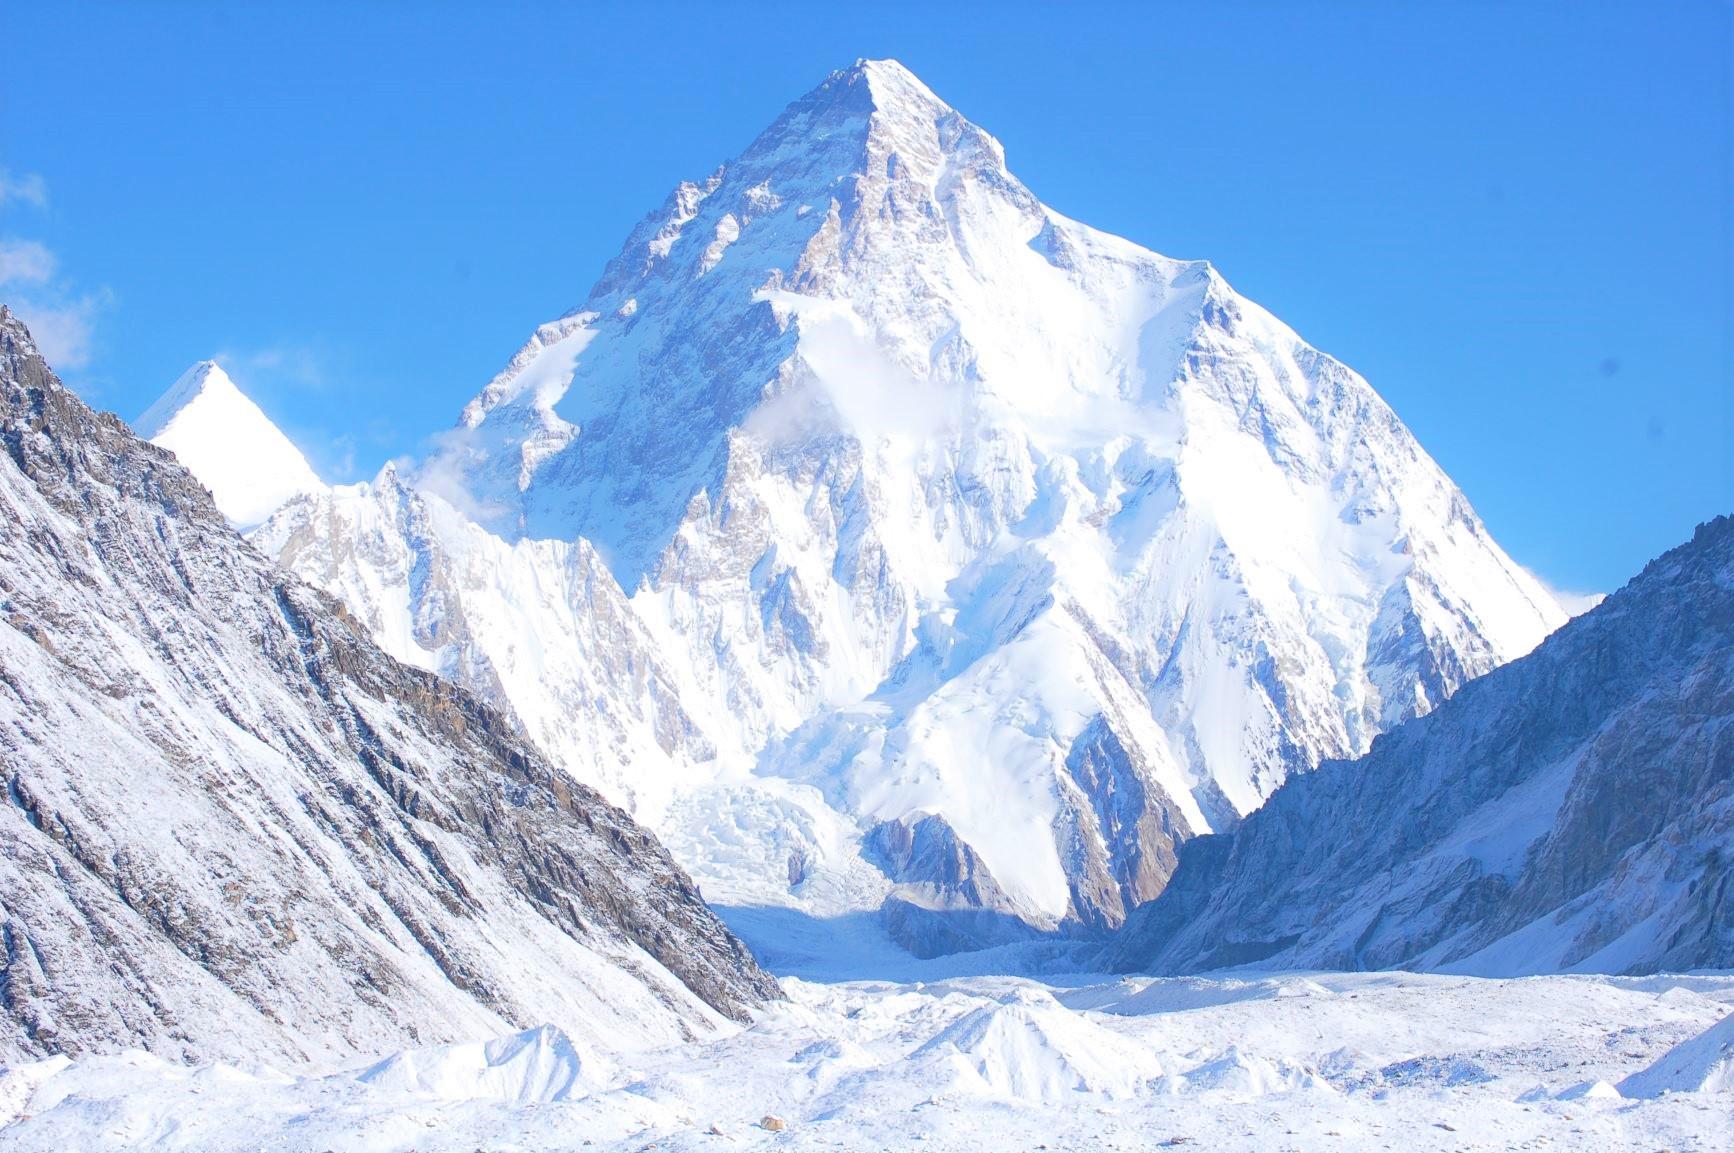 【創業50周年記念特別企画】K2・バルトロ氷河トレッキング 24日間